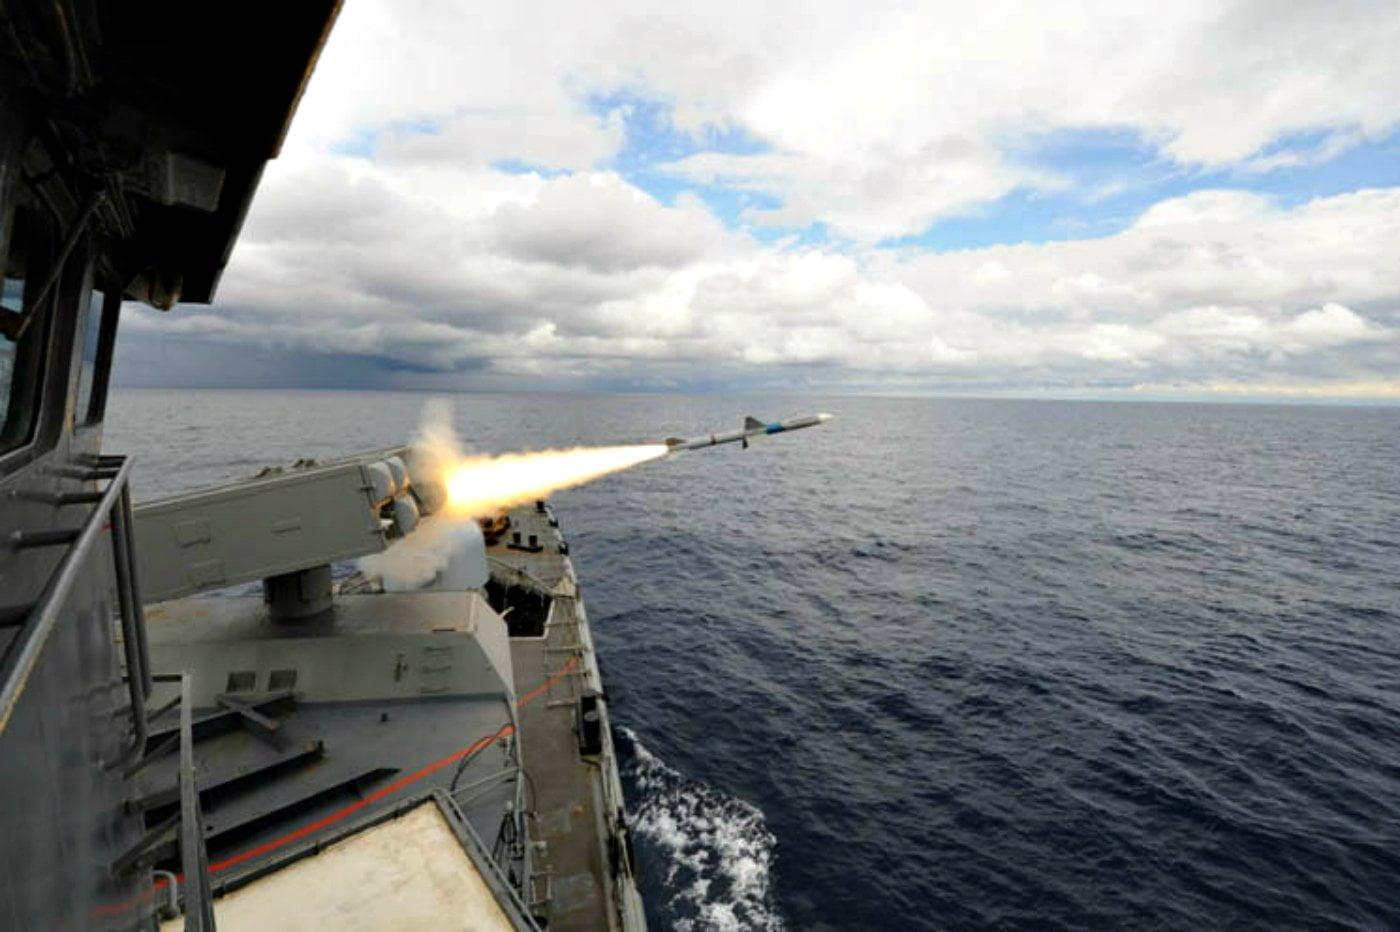 Αλήθειες & ψέματα για αντιπλοϊκές επιχειρήσεις με αερομεταφερόμενα όπλα… το κόστος